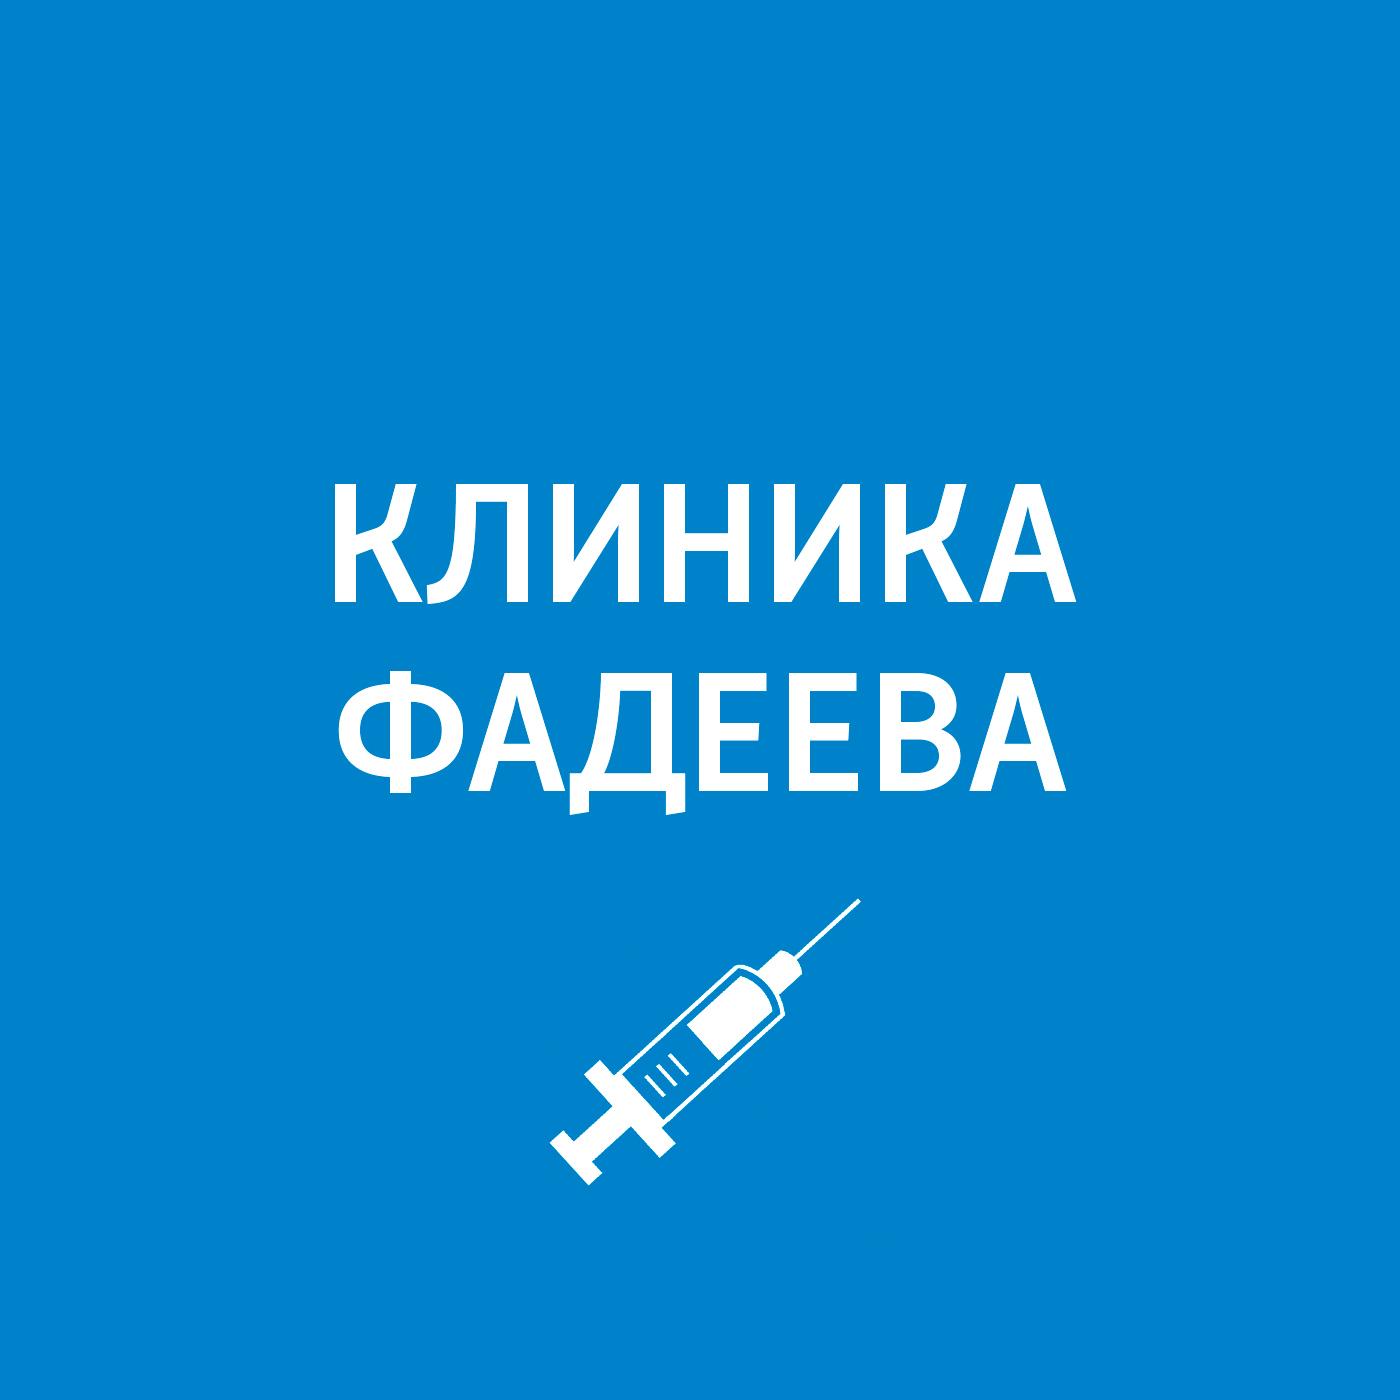 Пётр Фадеев Приём ведёт аллерголог-иммунолог пётр фадеев приём ведёт дерматолог солнце польза или вред